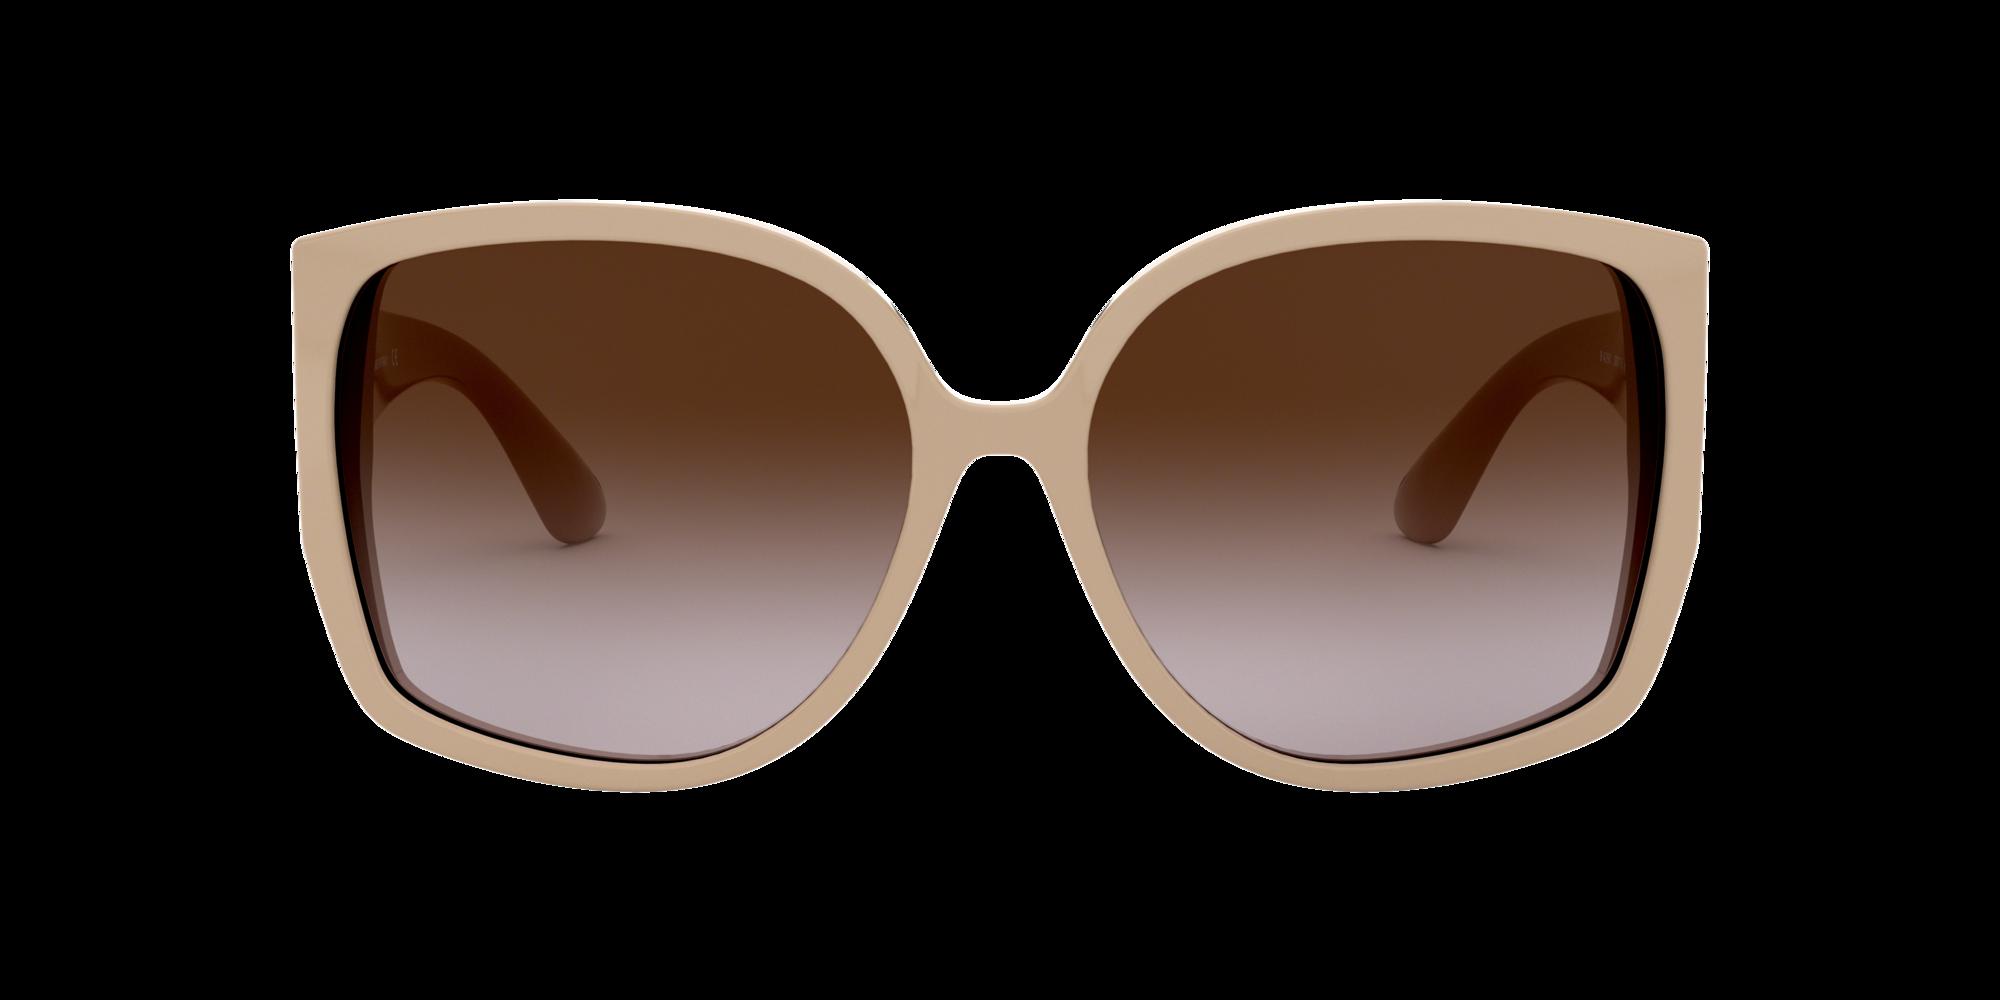 Imagen para BE4290 61 de LensCrafters |  Espejuelos, espejuelos graduados en línea, gafas